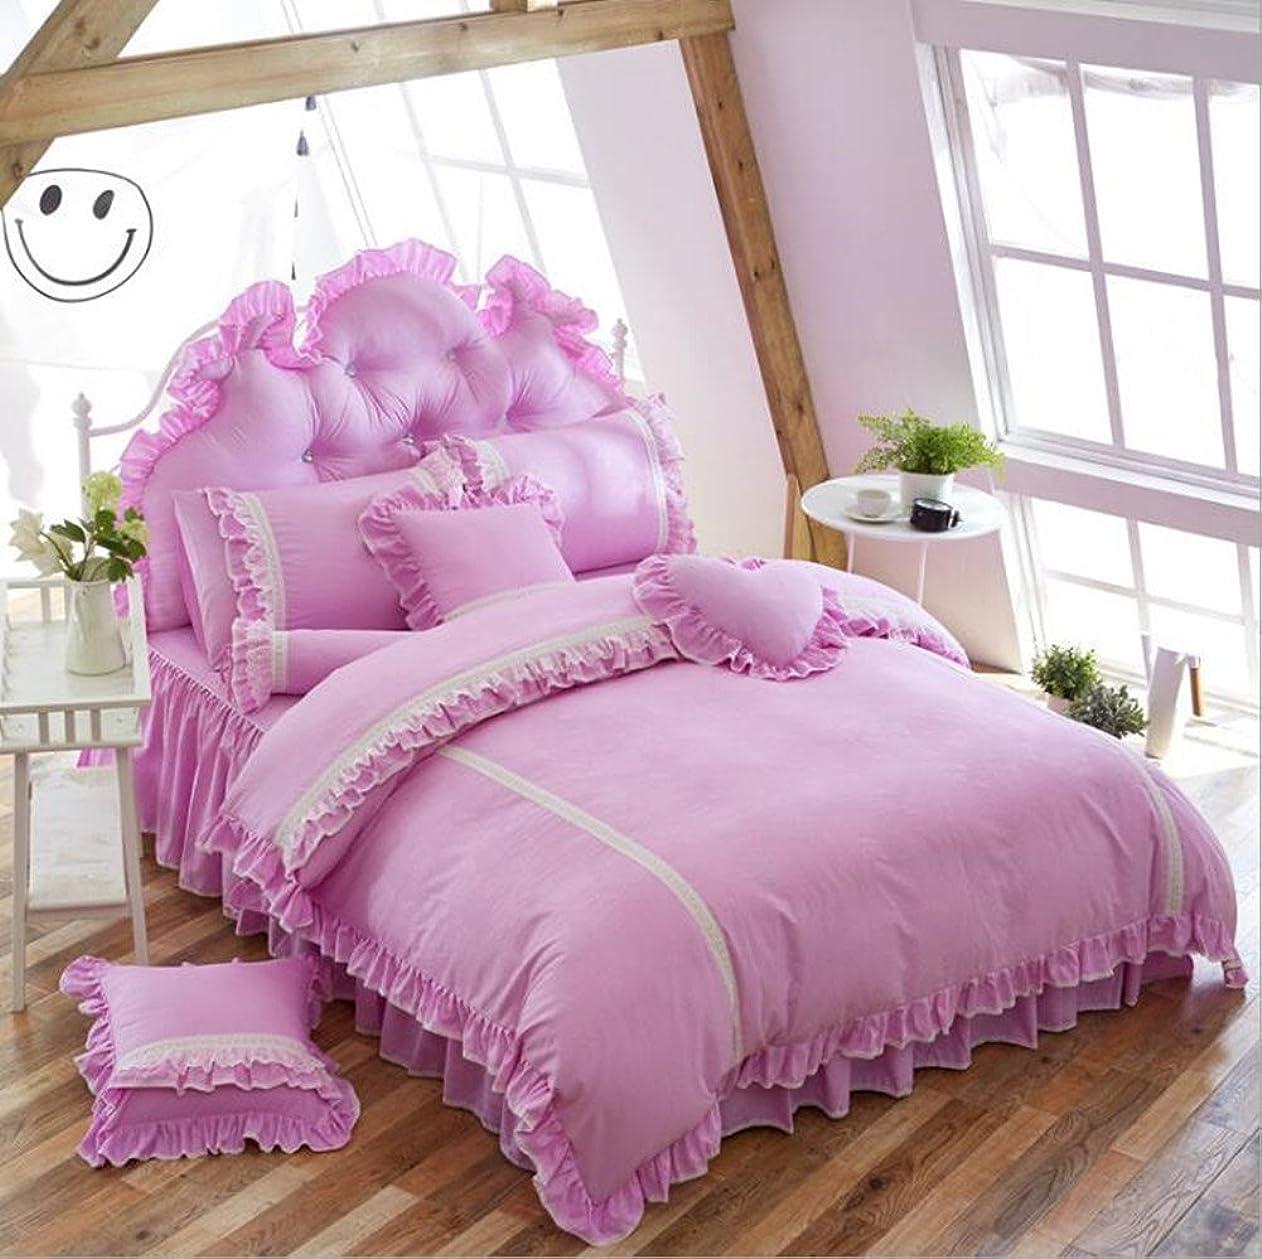 安西質素なほこりっぽい韓国スタイル寝具セット4pcs-judy Dre AMホームテキスタイルプリンセス女の子寝室ベッドセット4ピースベッドスカート掛け布団カバーセットガールズ/レディース フル パープル SJT0073-Purple-Full